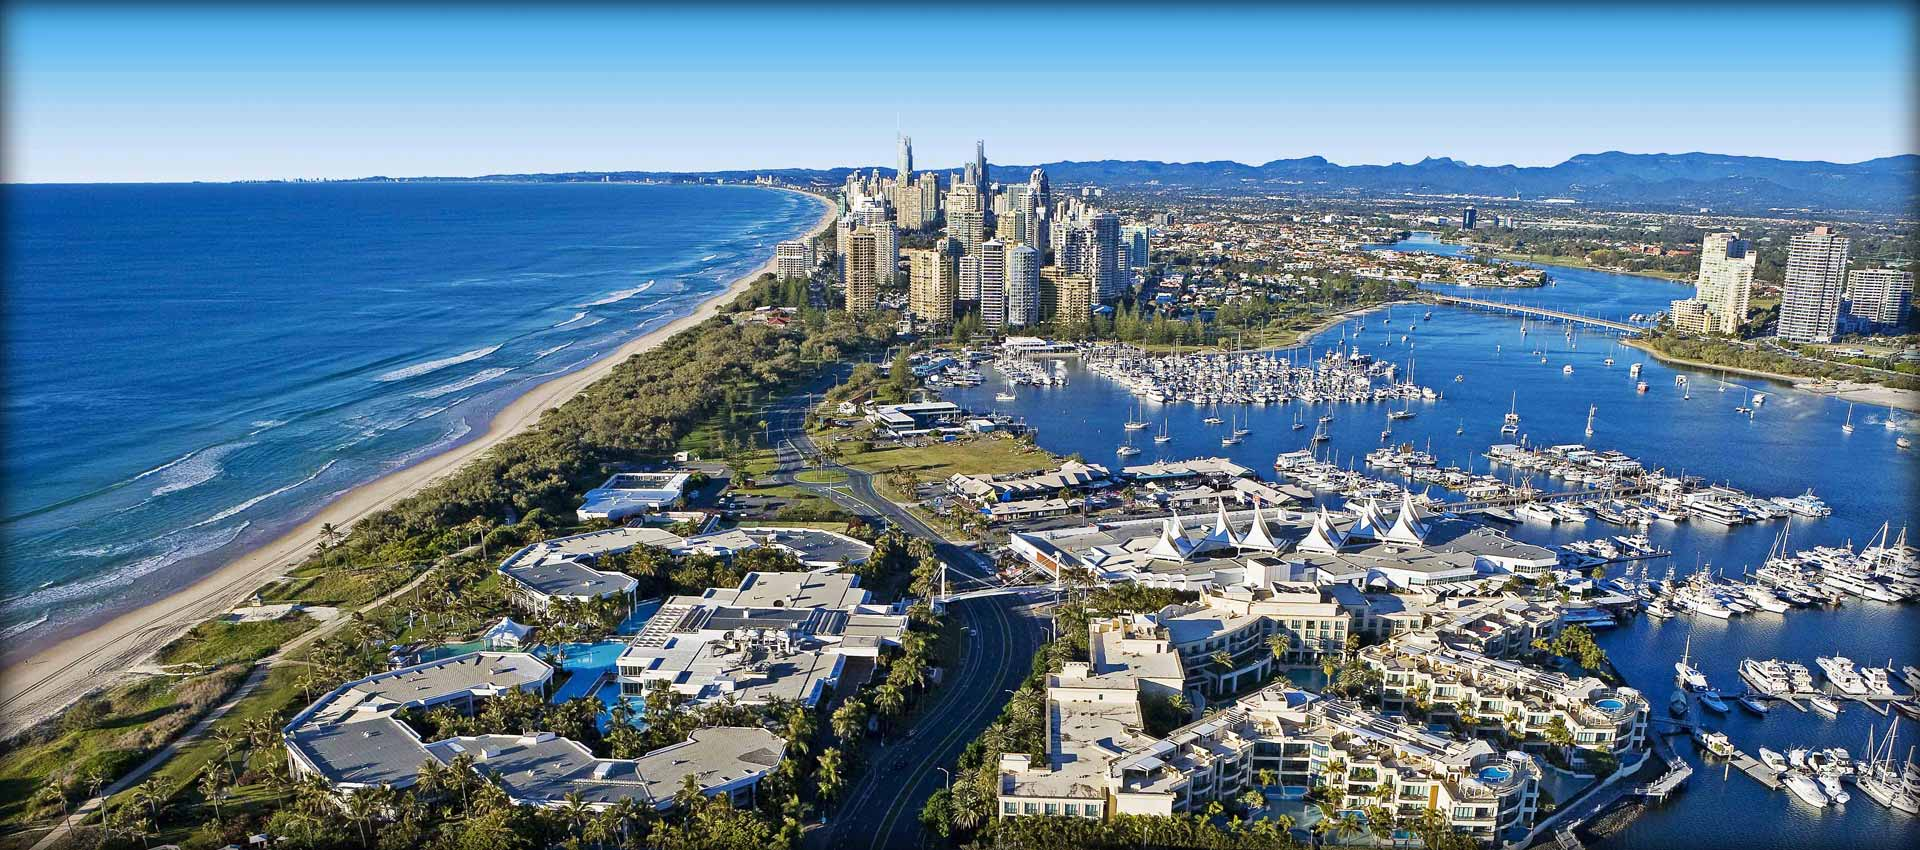 Wallpaper Burleigh Heads Beach Gold Coast Queensland: BookToday Hotels